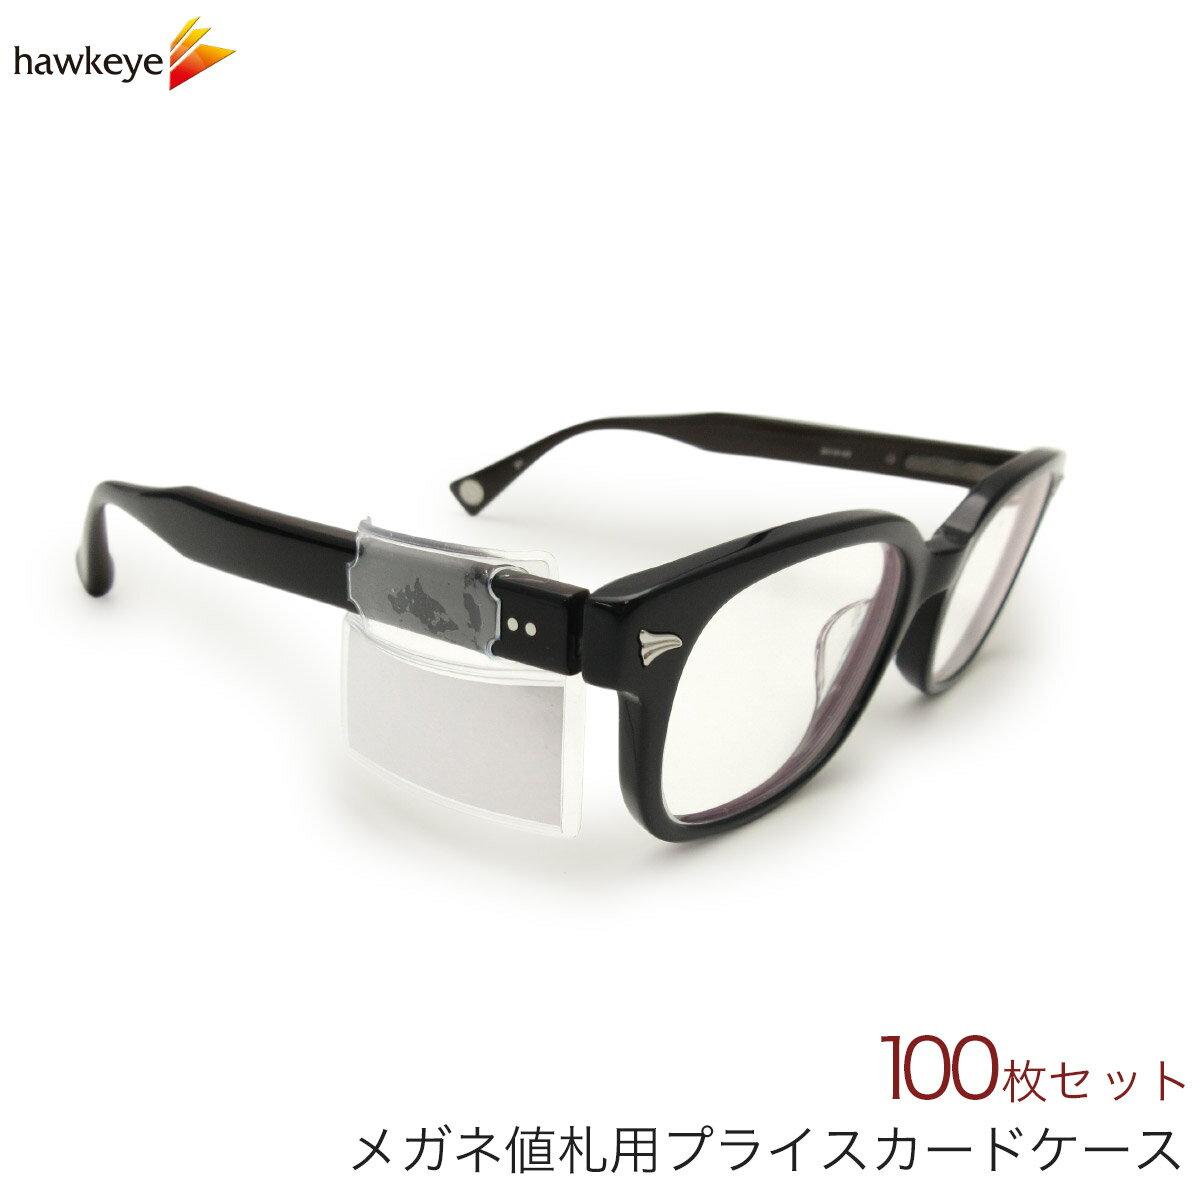 プライスカードケース 眼鏡用 100枚セット[メガネ/めがね/値札/名札/卸値/価格表示]